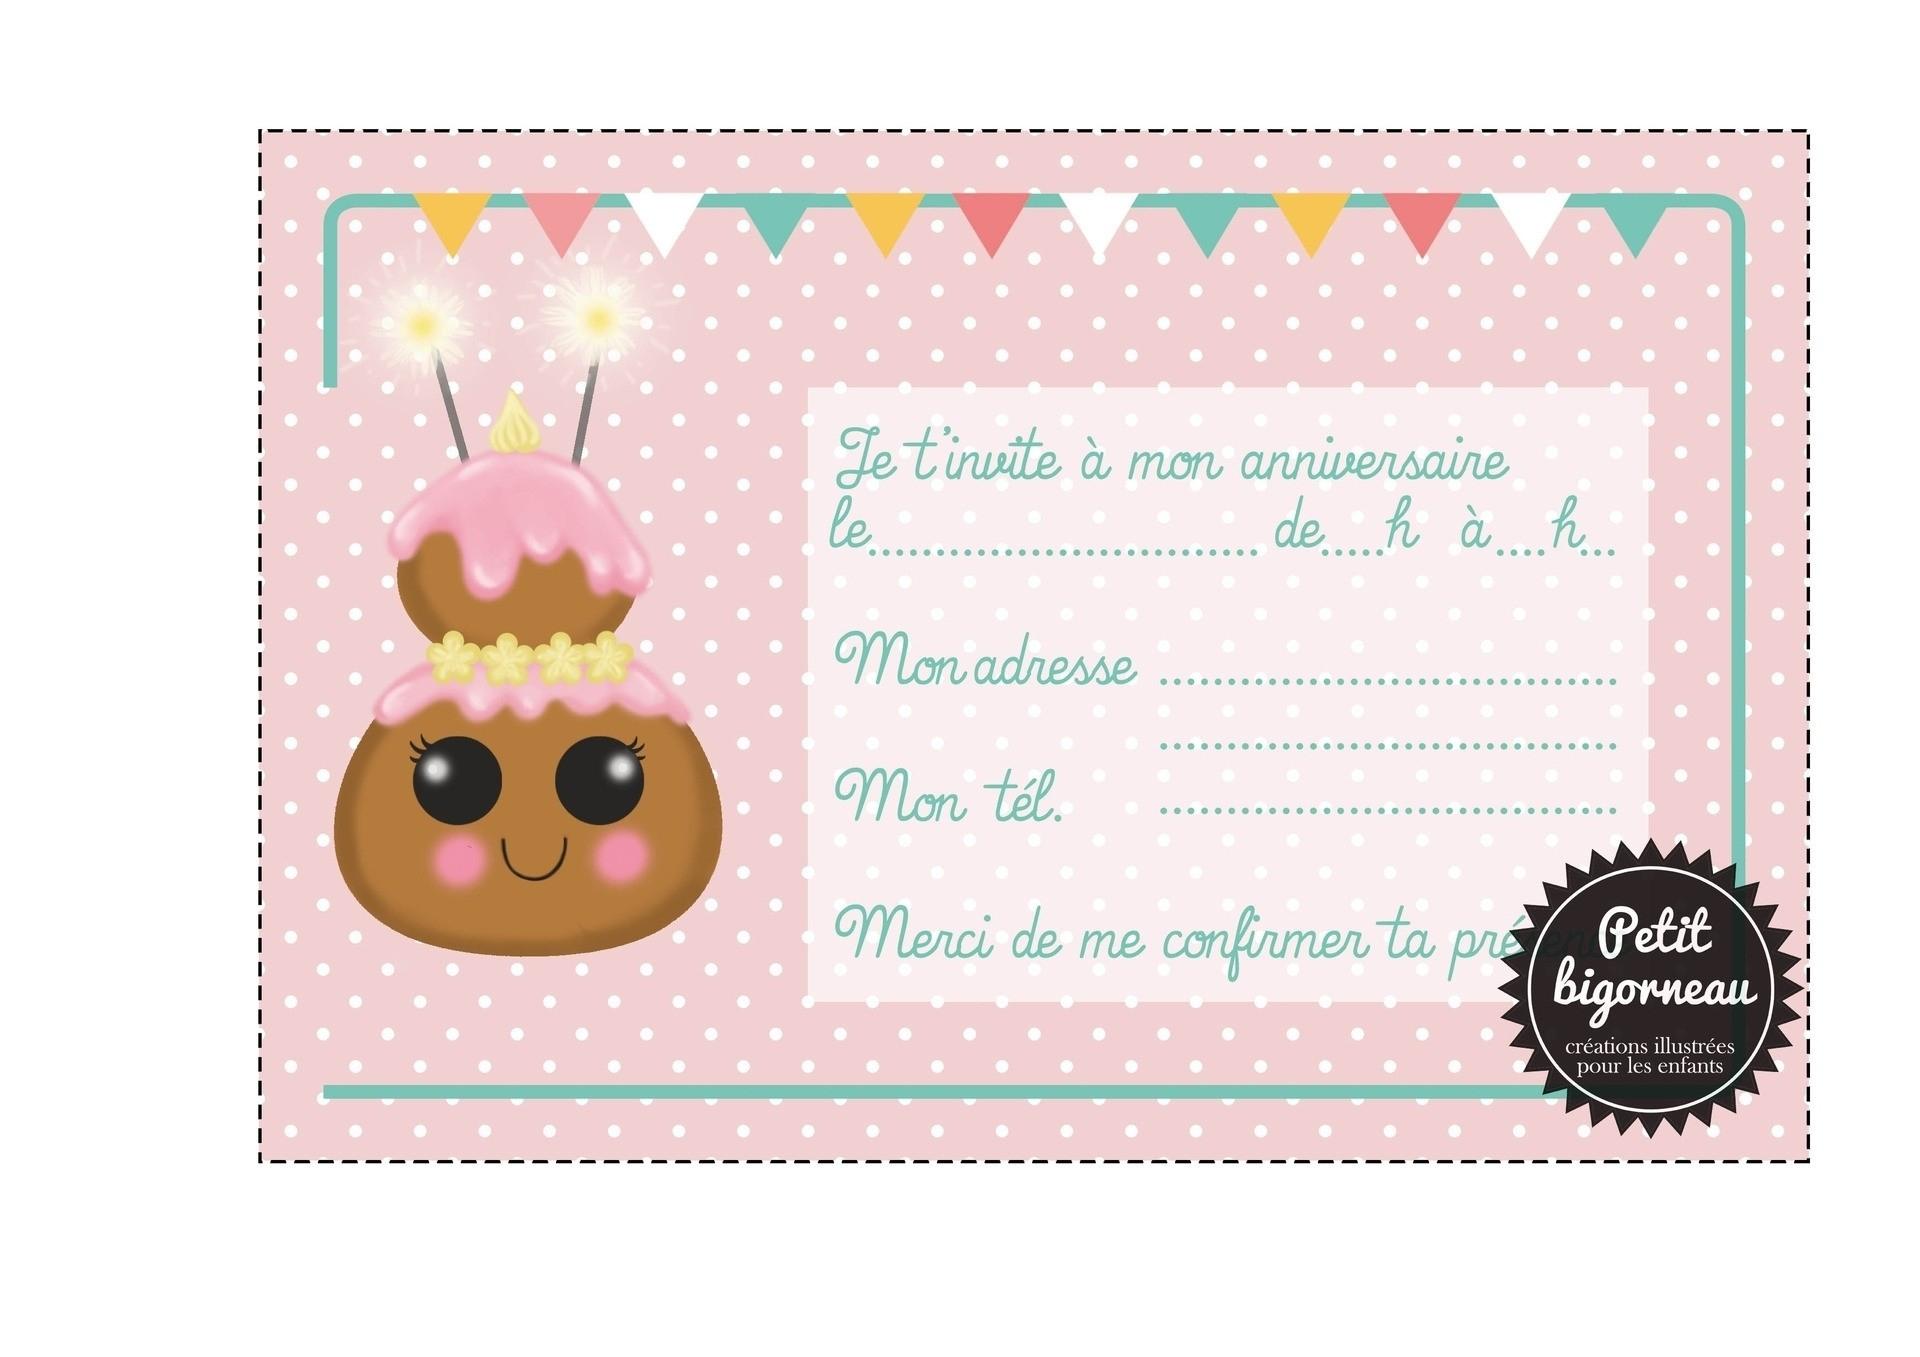 carte d invitation a imprimer Carte d'invitation anniversaire gratuite à imprimer avec photo